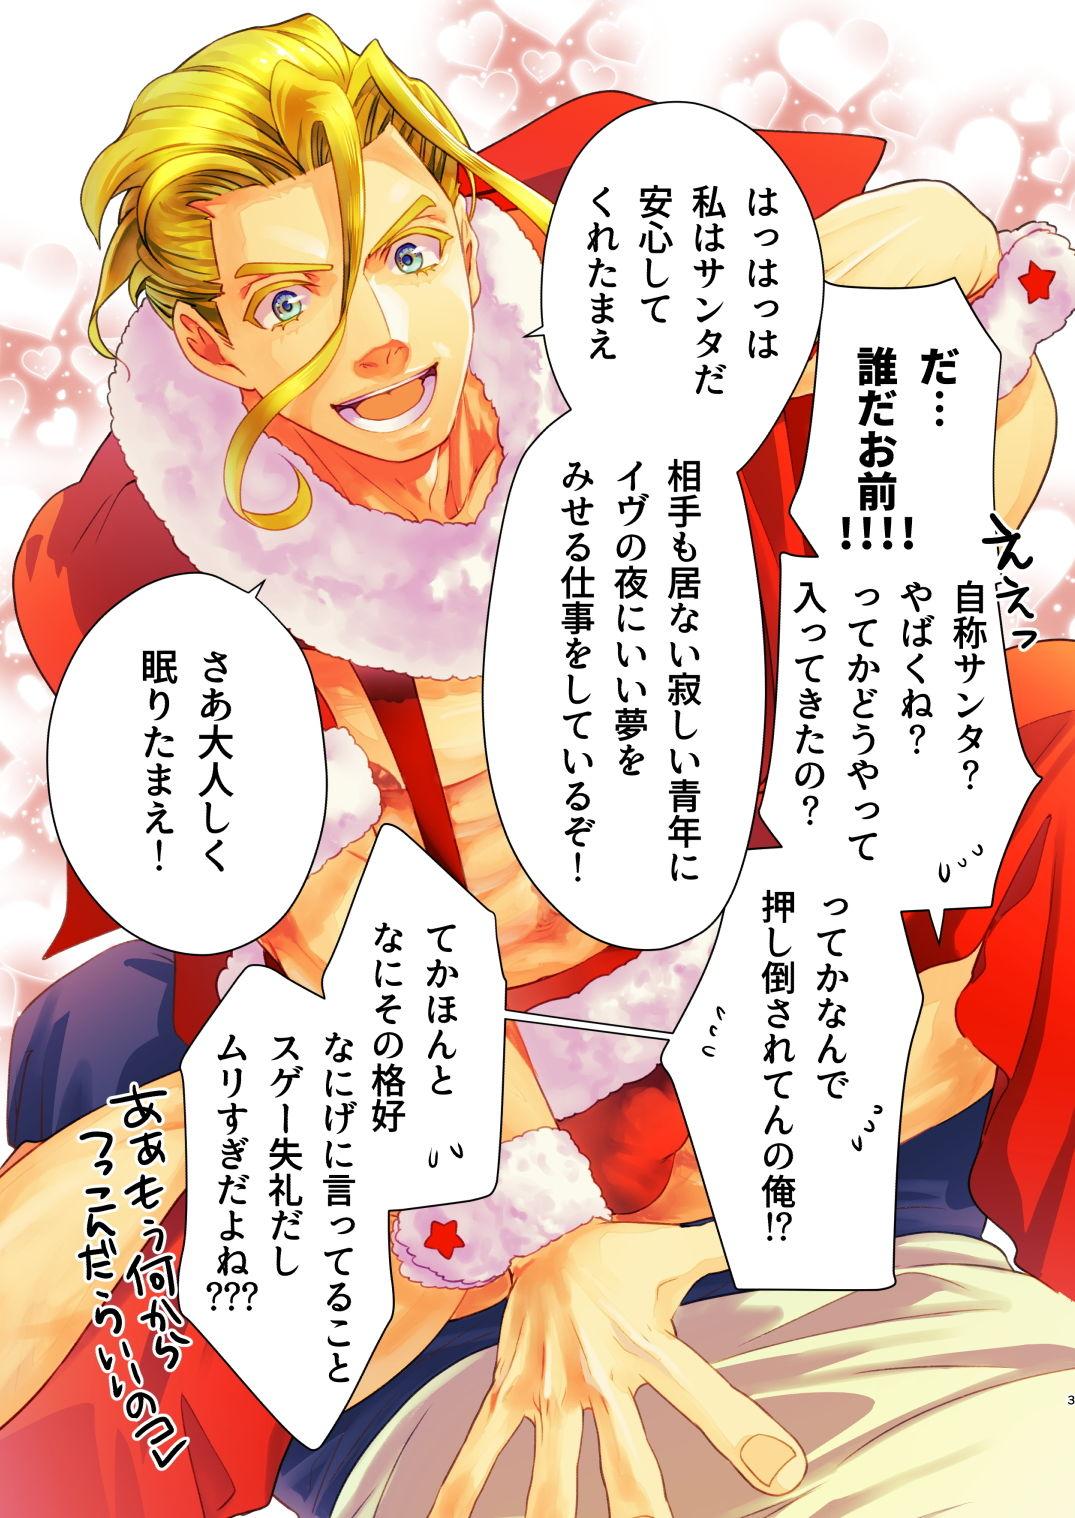 サンタさんのおくりもの エロ画像